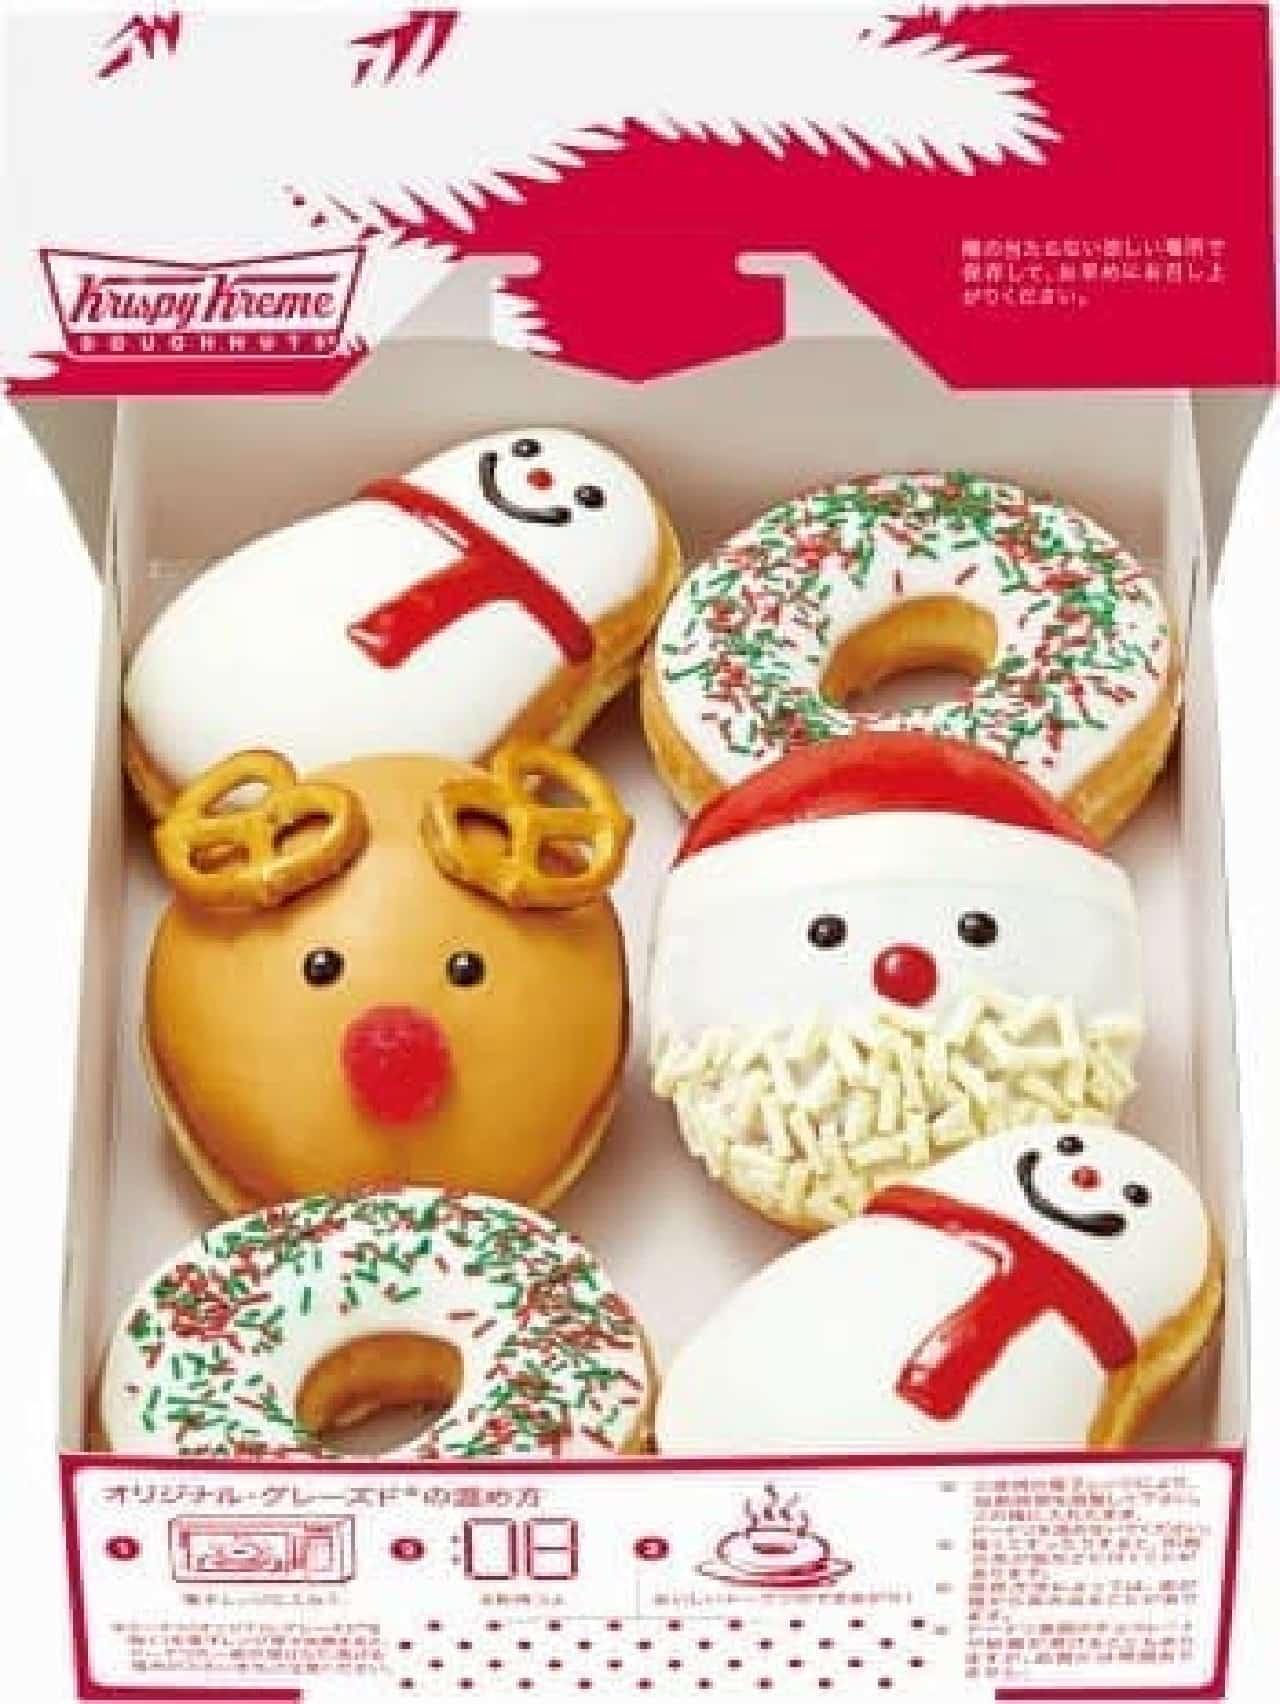 クリスマスドーナツを詰め合わせた「ホリデー マジック ボックス」